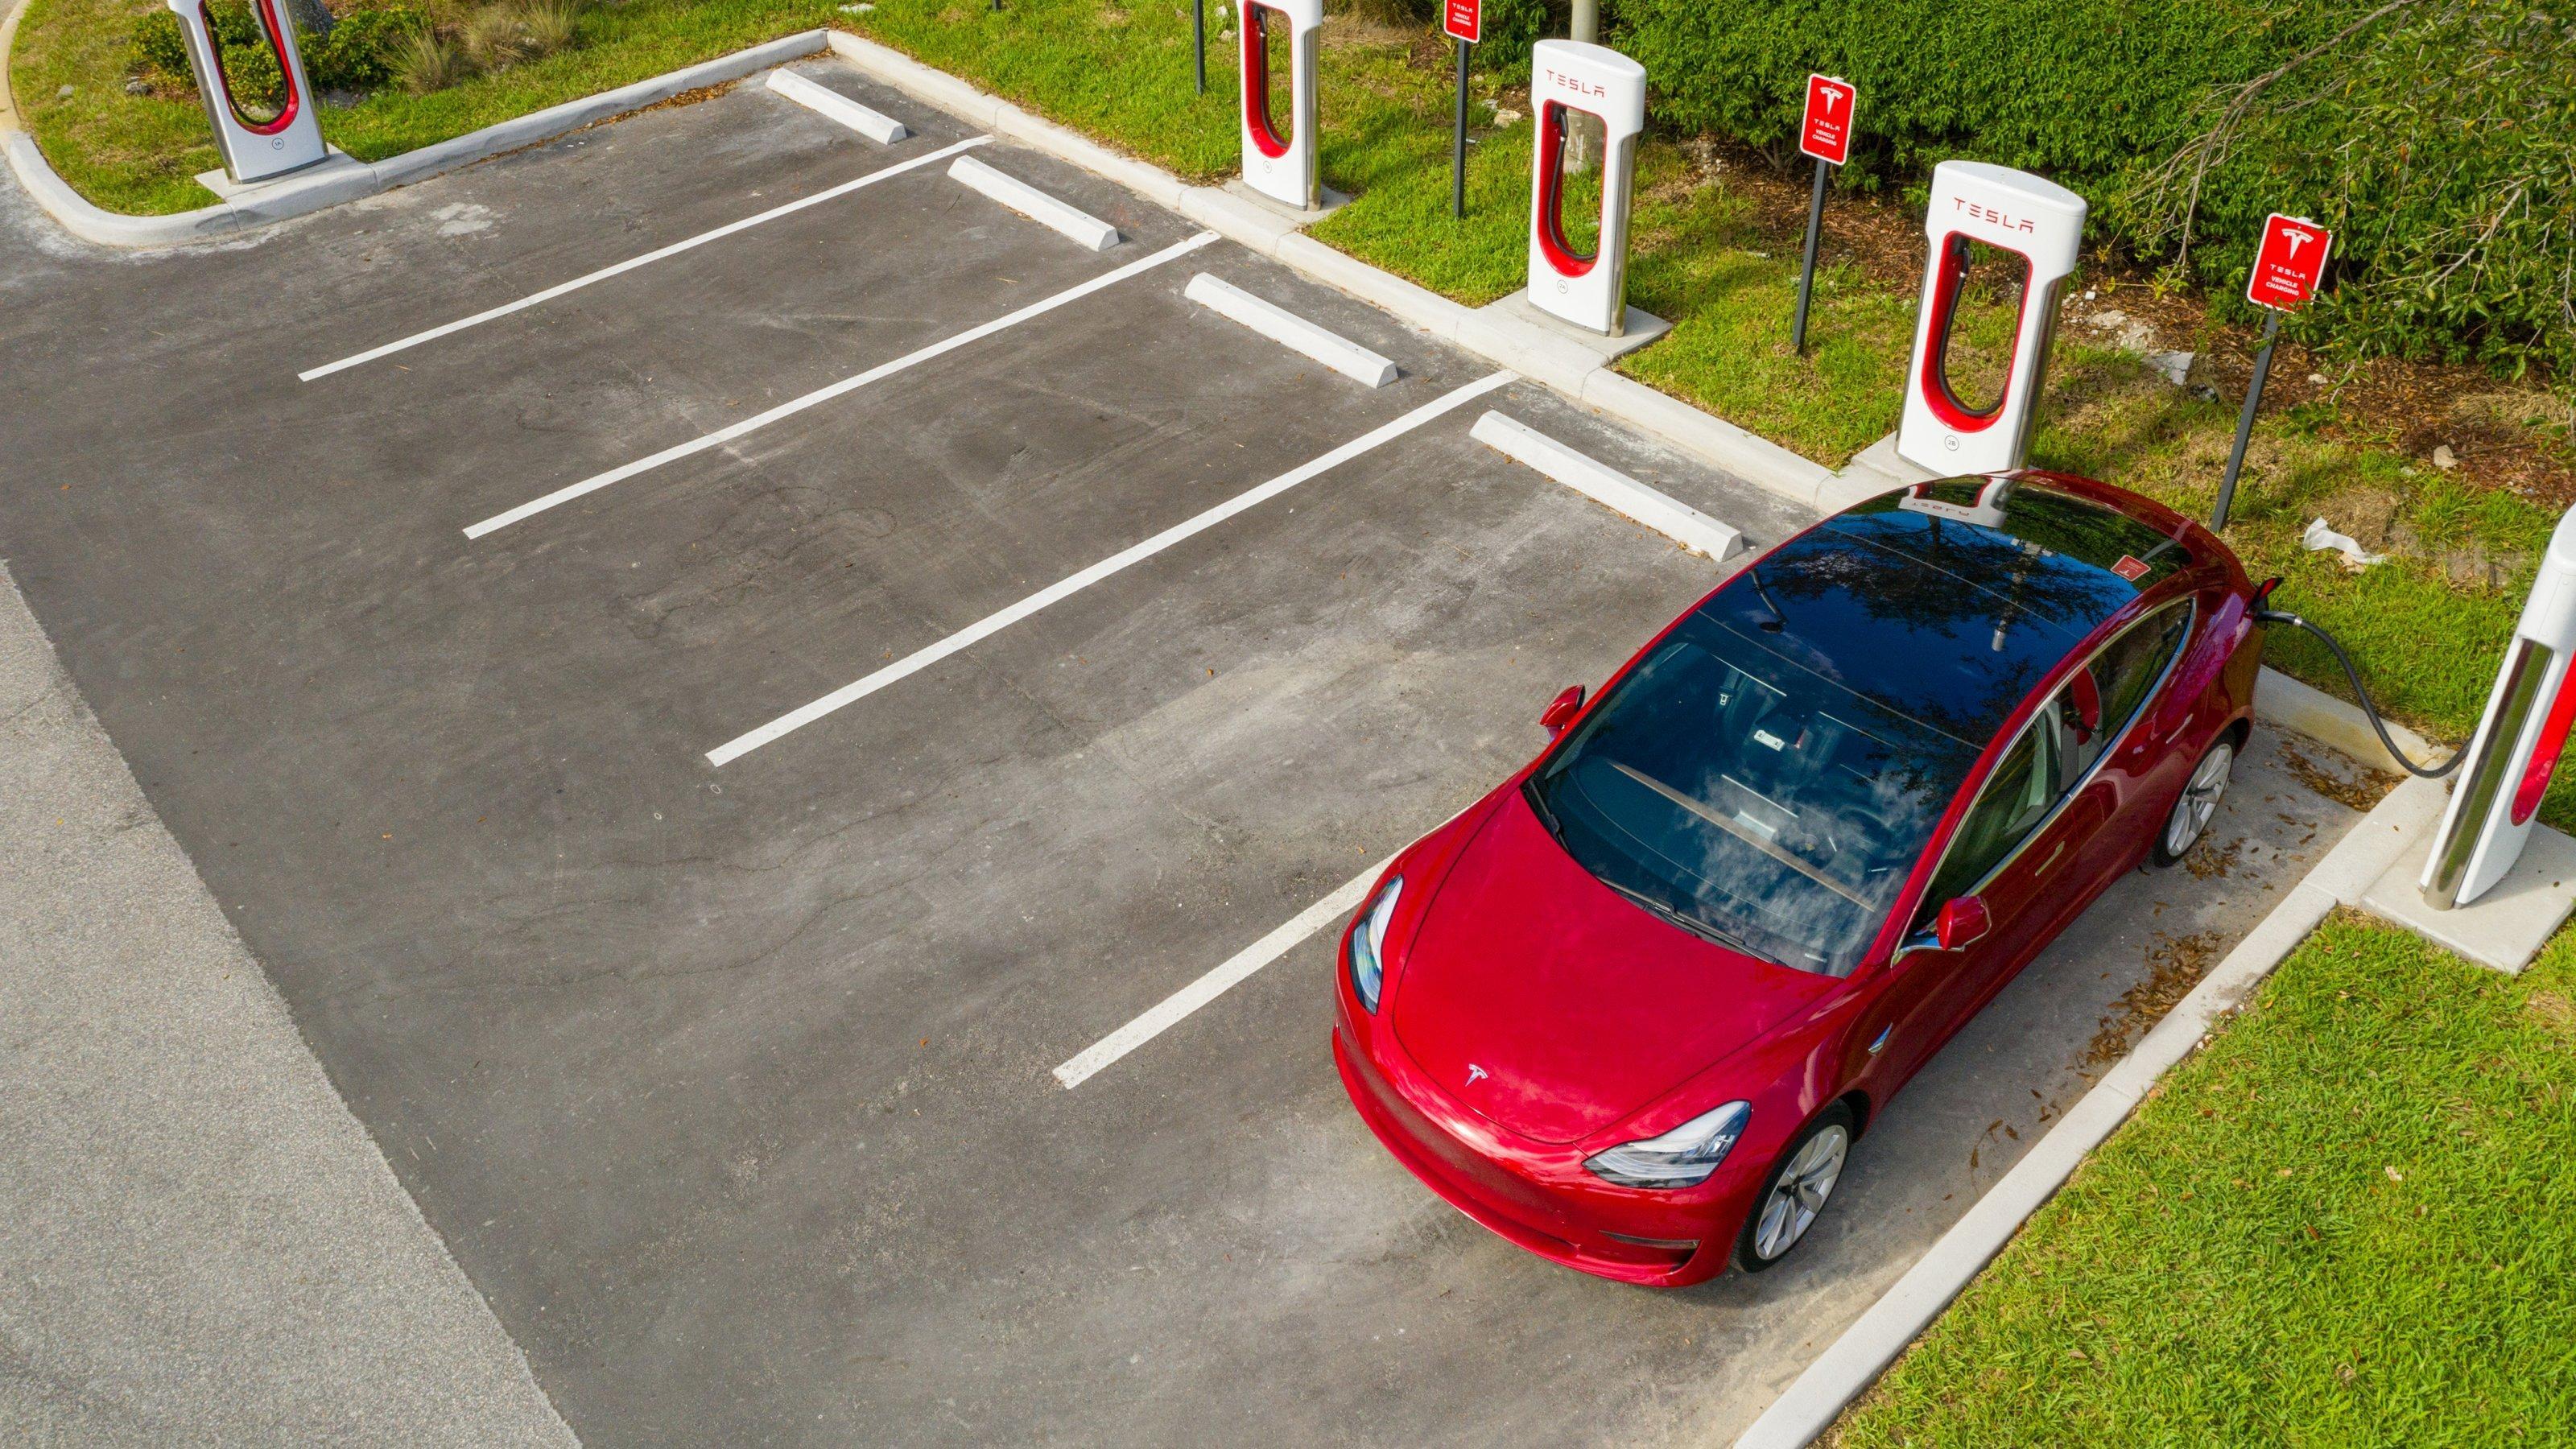 Luftbild eines roten Elektroautos, das an einer Tesla-Ladesäule hängt.